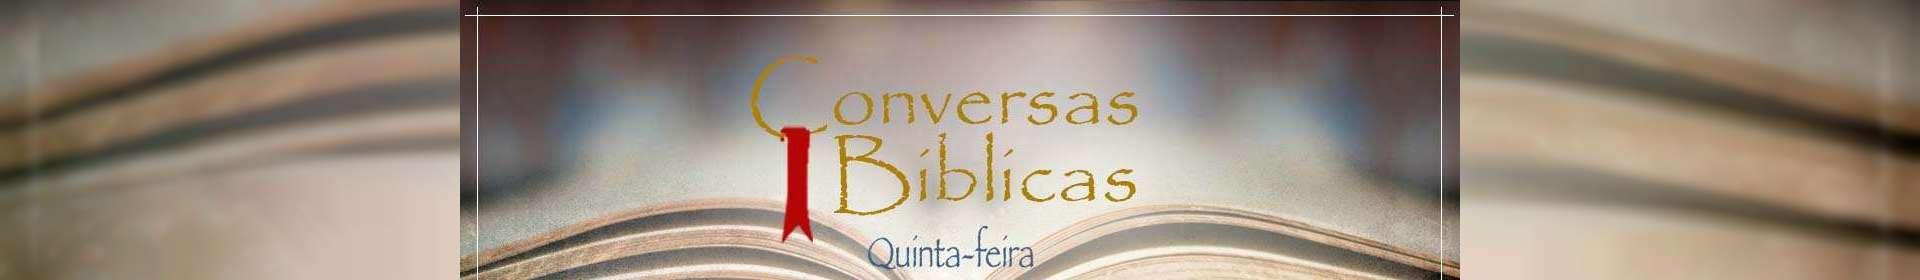 Conversas Bíblicas: Salvação - Parte 1